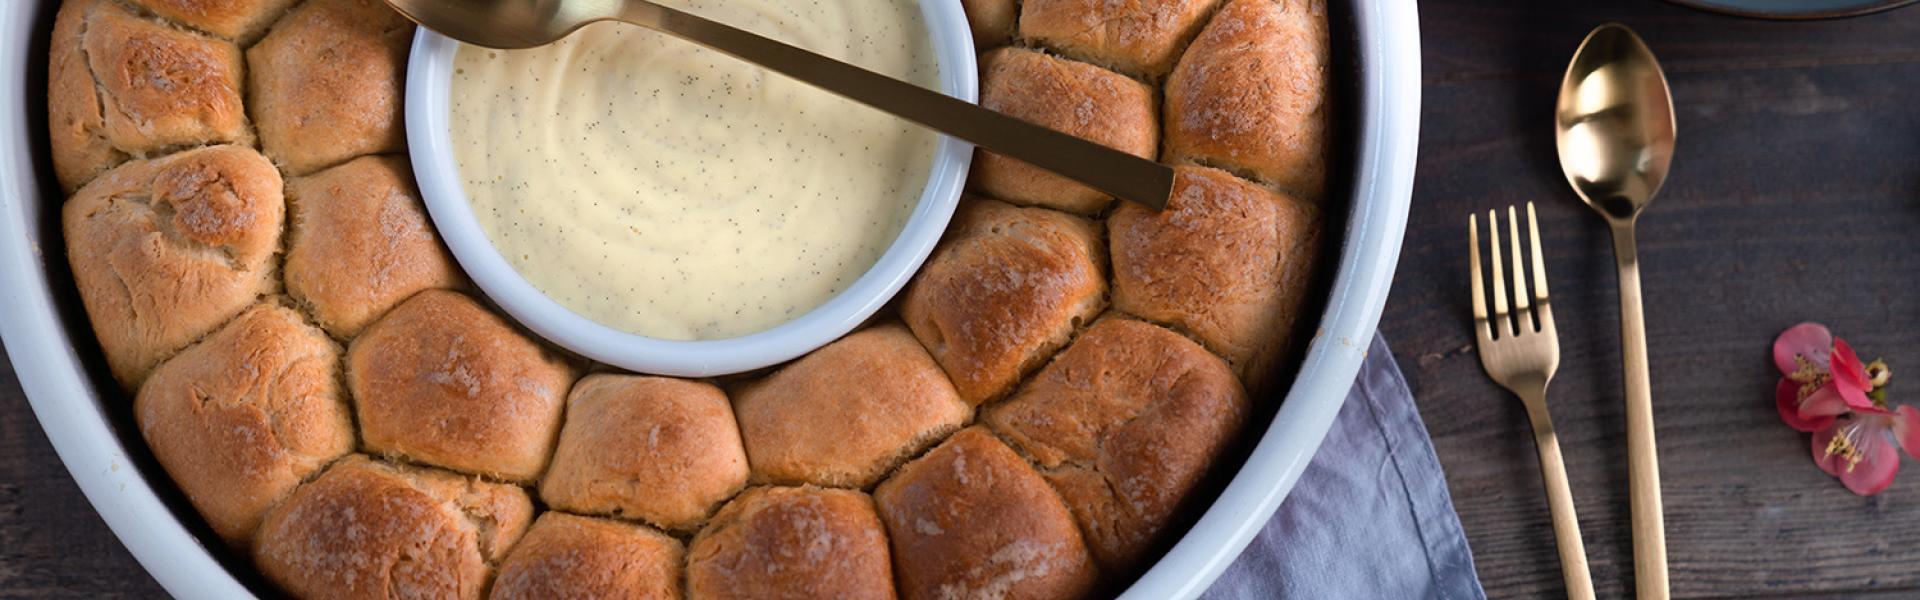 Schoko-Monkey-Bread mit Vanillesoße in einer Backform.